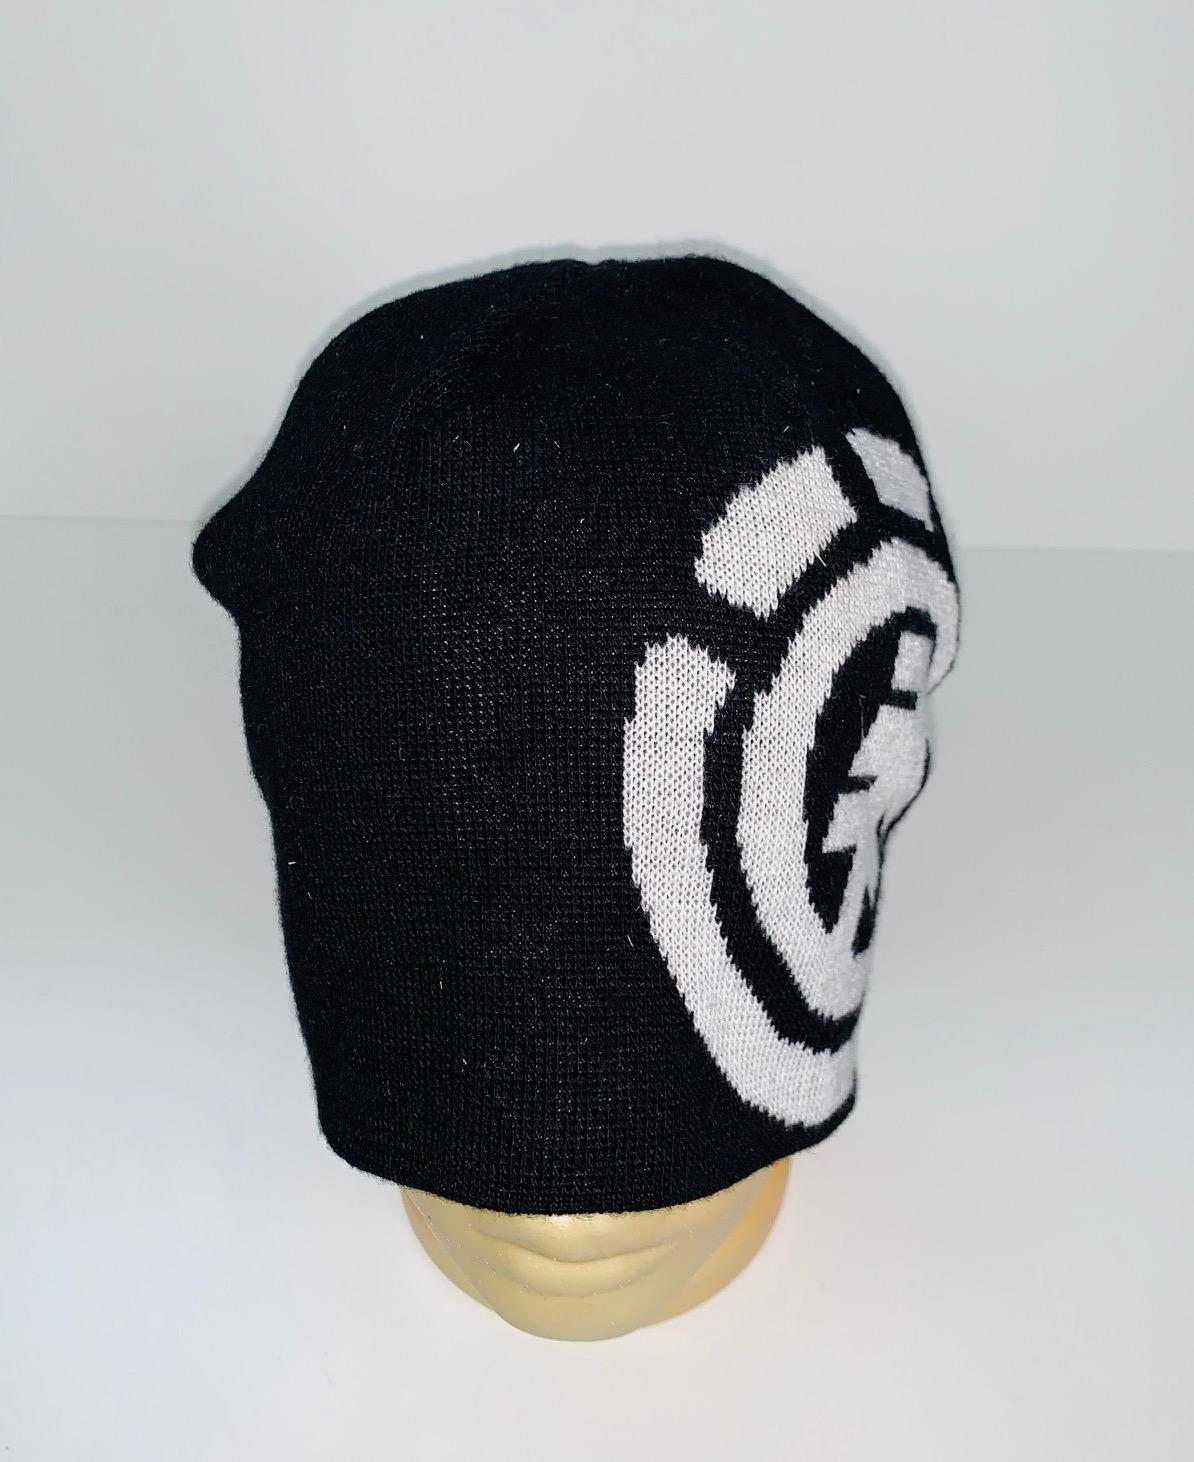 Черная шапка с крупным белым узором